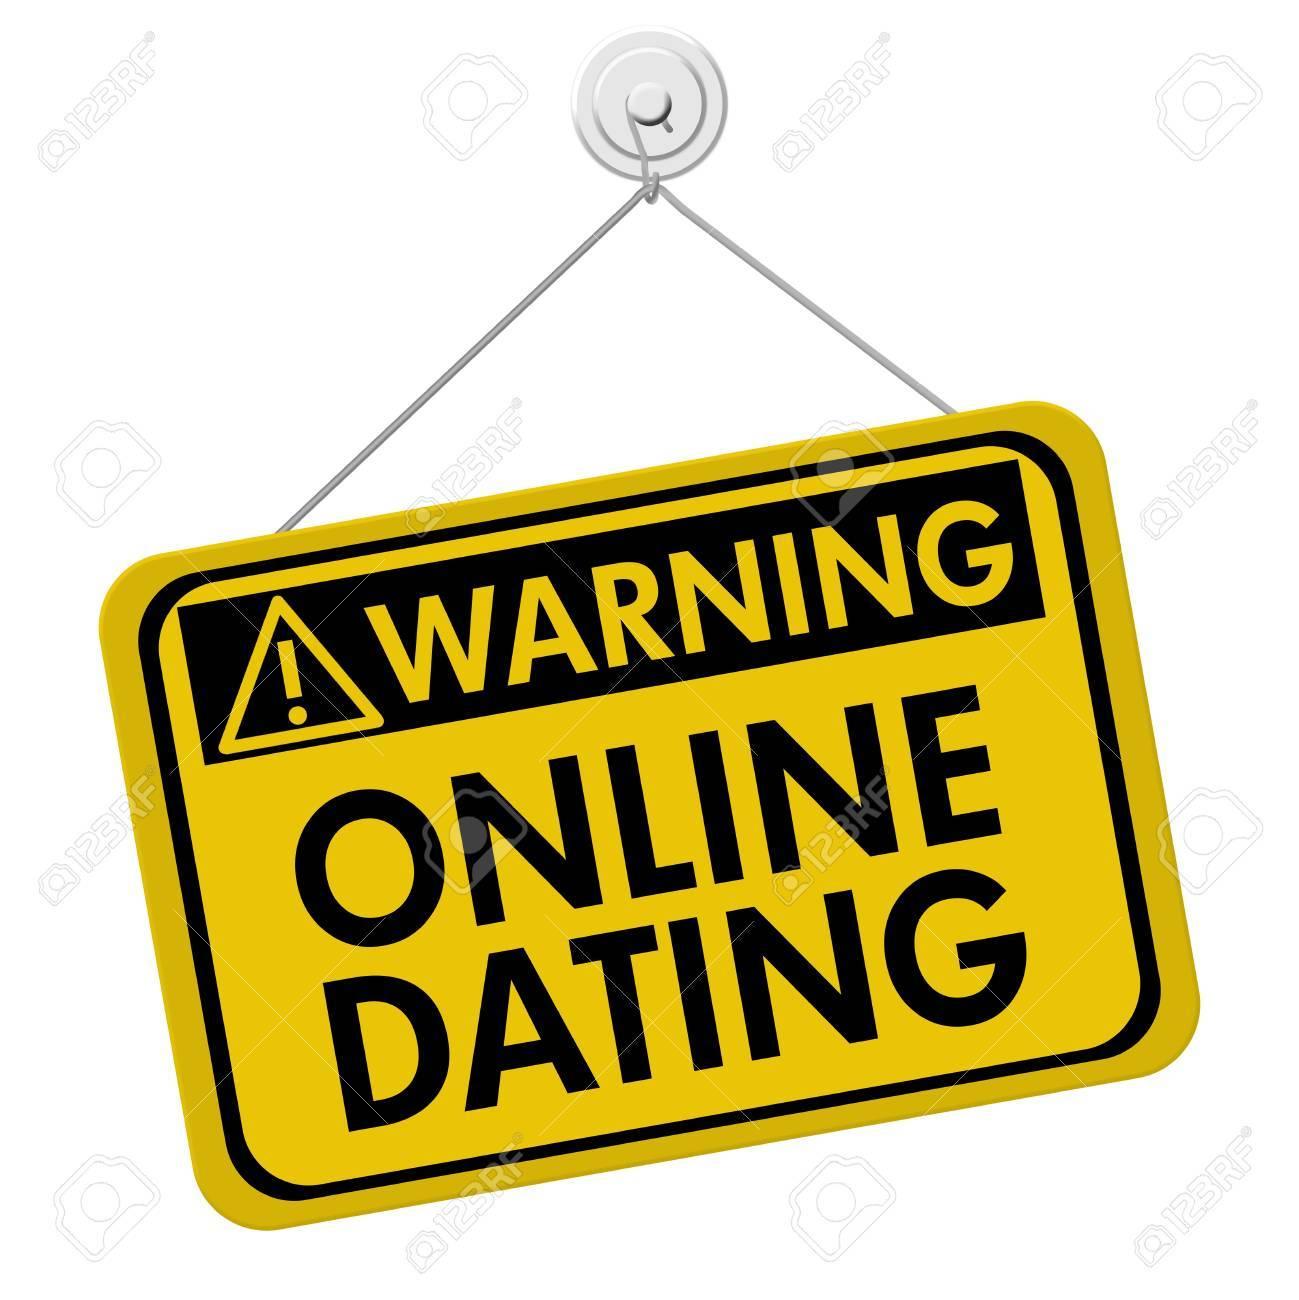 Elite dating site prijzen